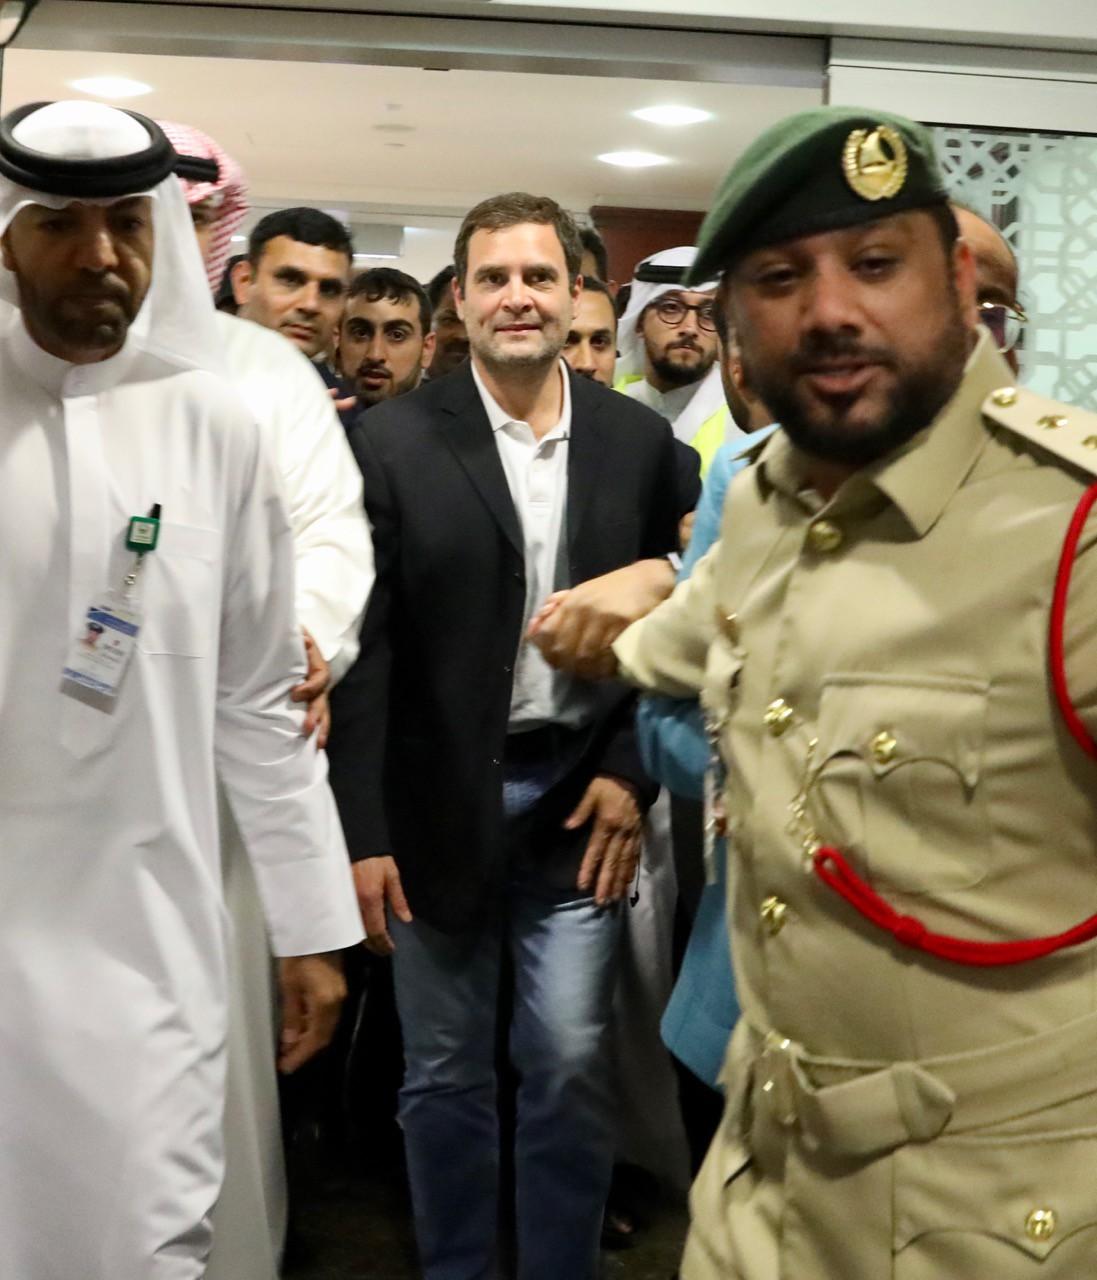 महात्मा गांधी यांच्या 150व्या जयंतीनिमित्त दुबई क्रिकेट स्टेडियममध्ये 11 जानेवारीला मोठा सांस्कृतिक कार्यक्रमाचं आयोजिन करण्यात आलं आहे.